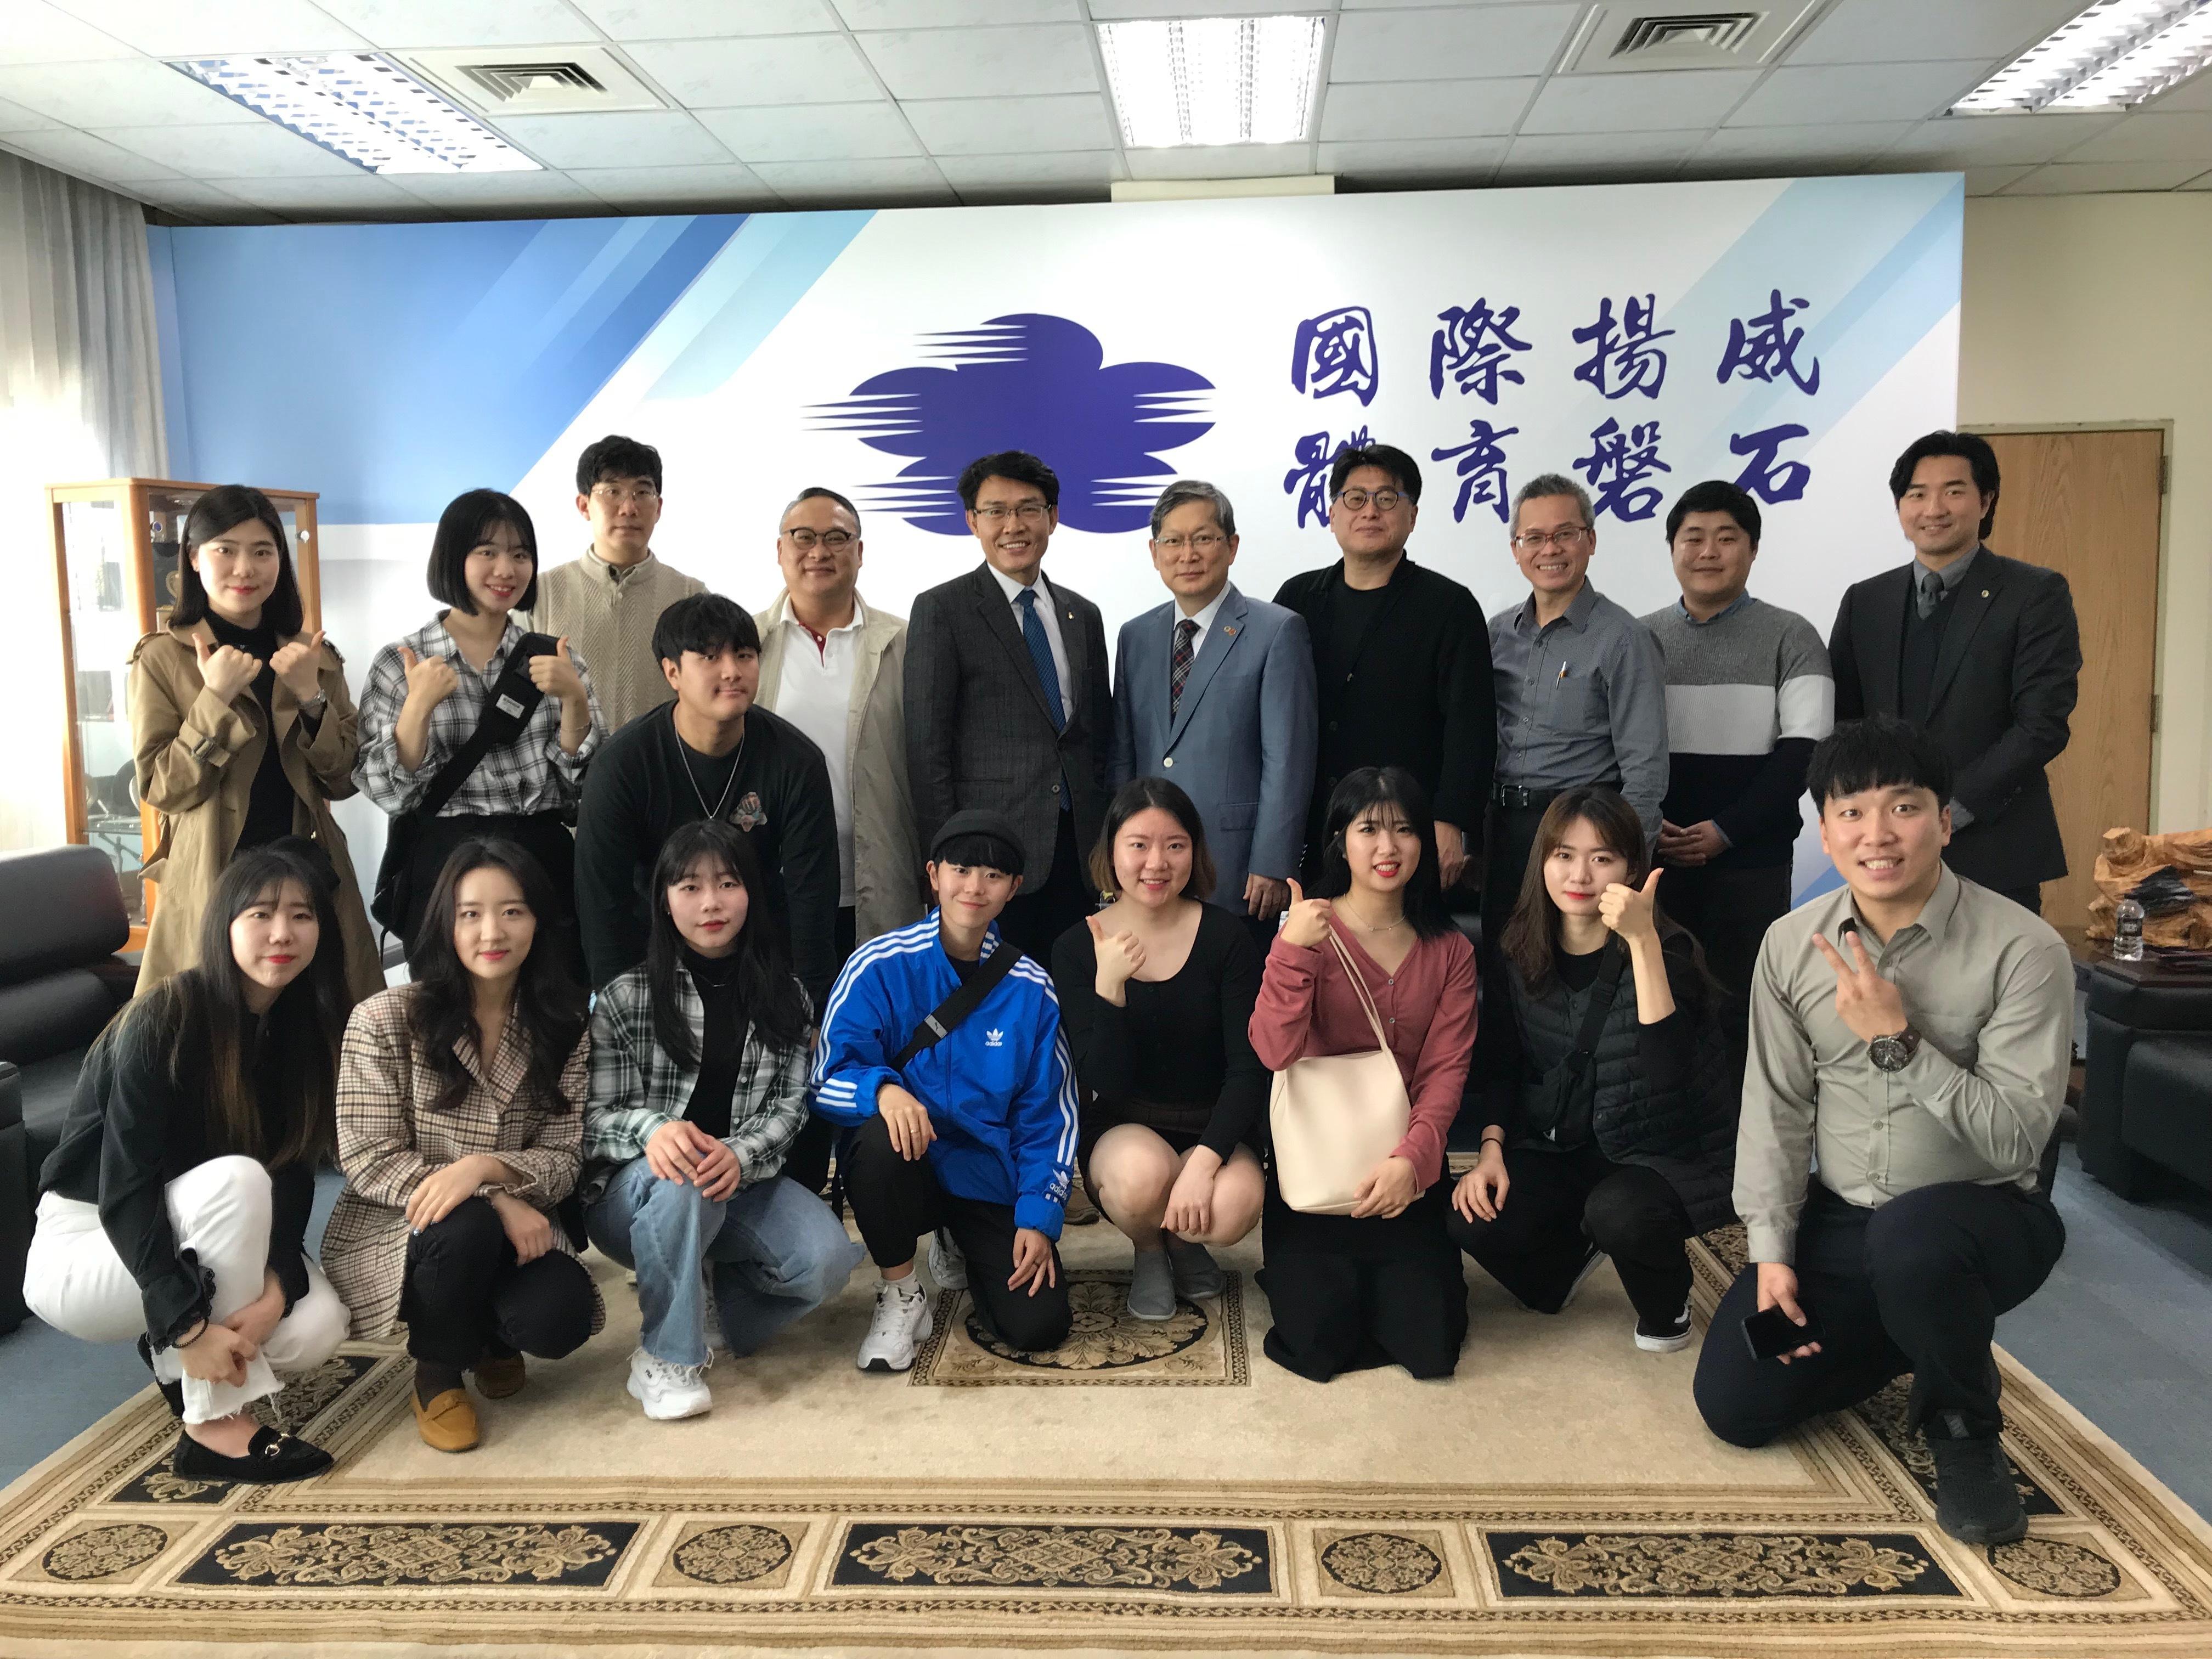 2020韓國體育大學師生交流團蒞校參訪國立體育大學-校園大小事